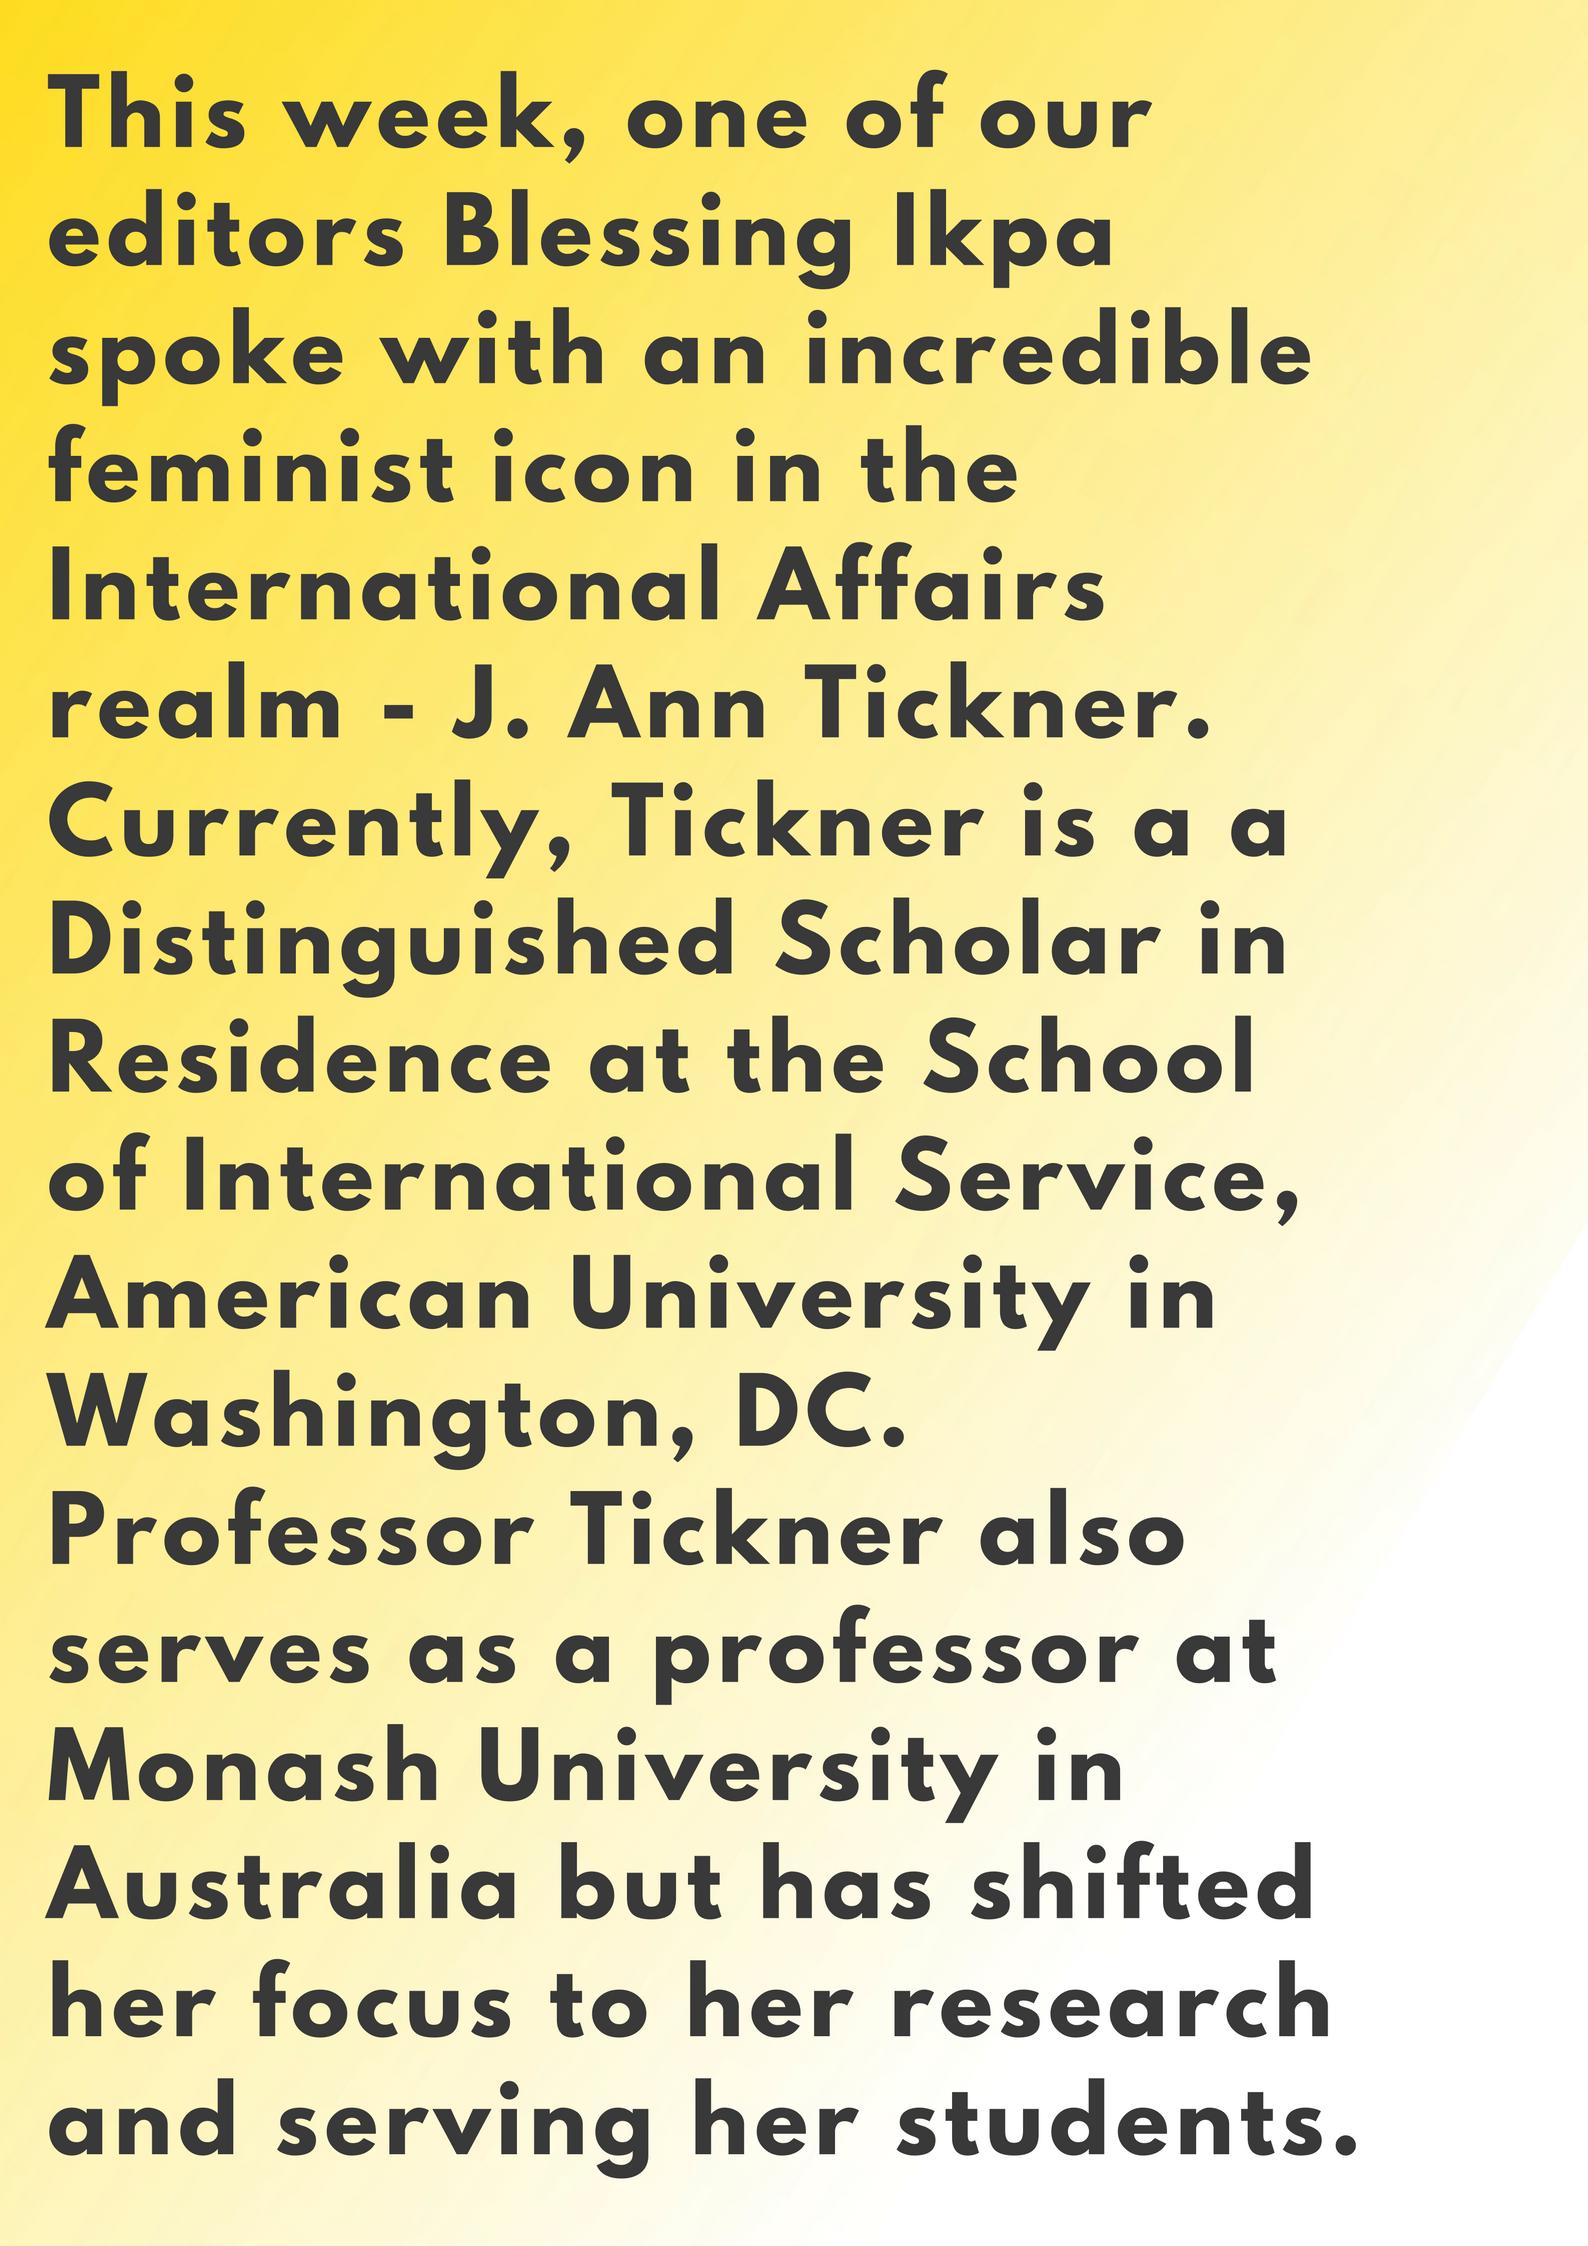 J Ann Tickner Centre for Feminist Foreign Policy